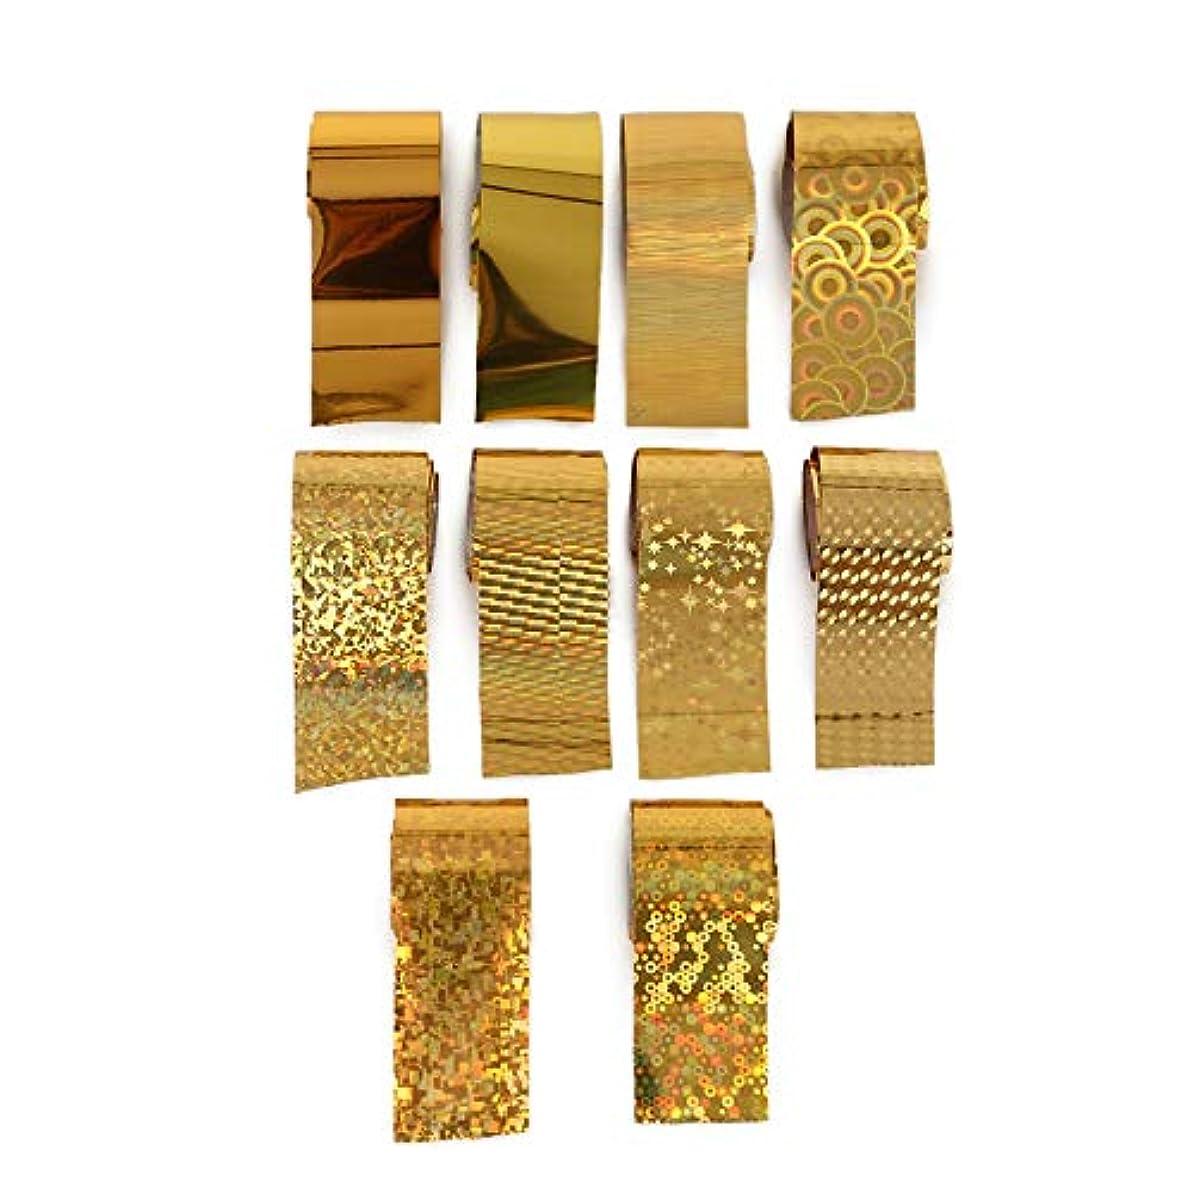 クロニクル汚い示すArtlalic 10ロールボックスホログラフィックネイルアートデカールネイルアートステッカーチャームグラデーションゴールドdiy